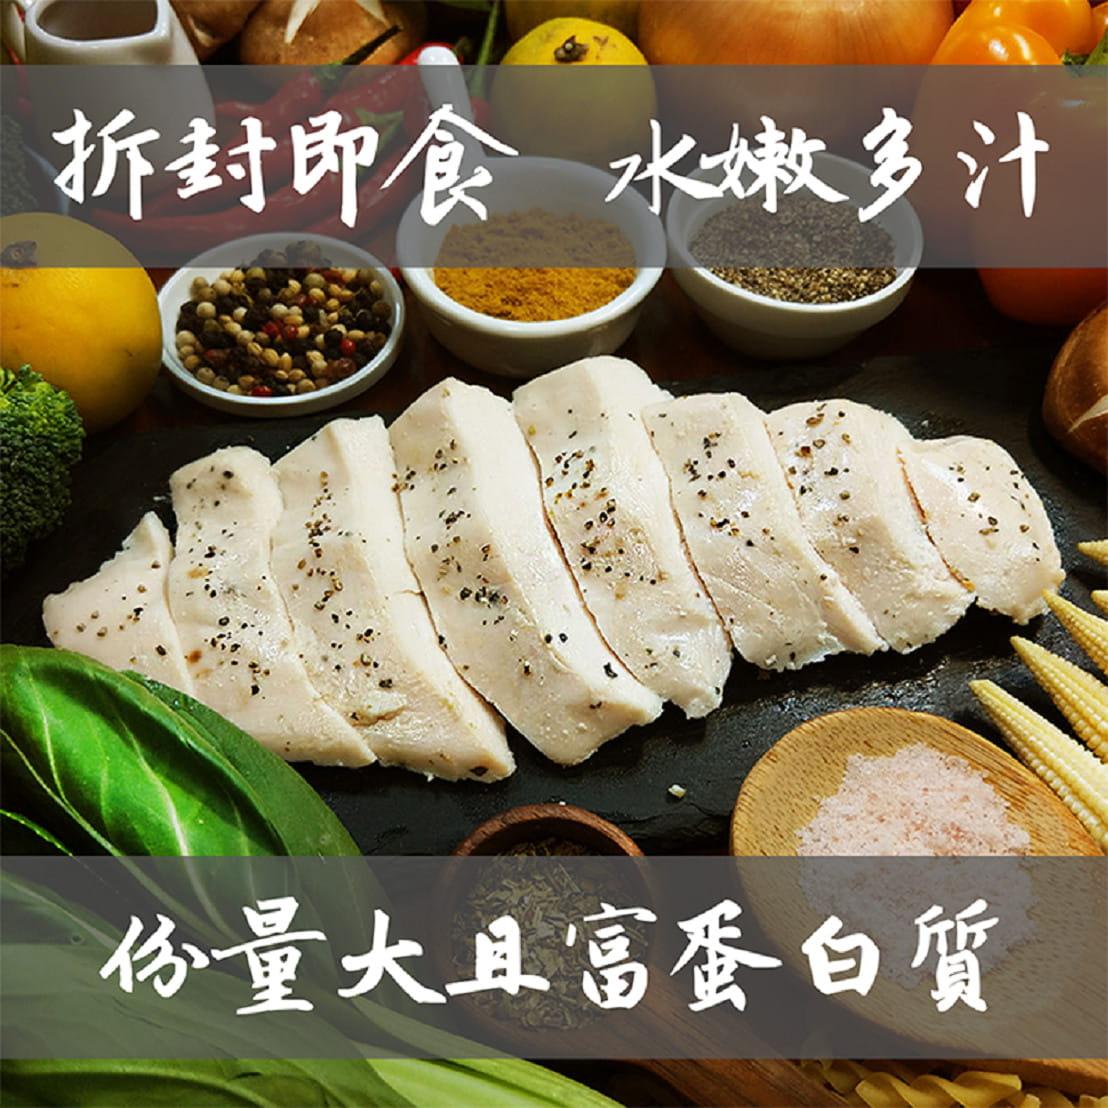 【野人舒食】低溫烹調舒肥雞胸肉-開封即食 滿30包以上贈地瓜 0